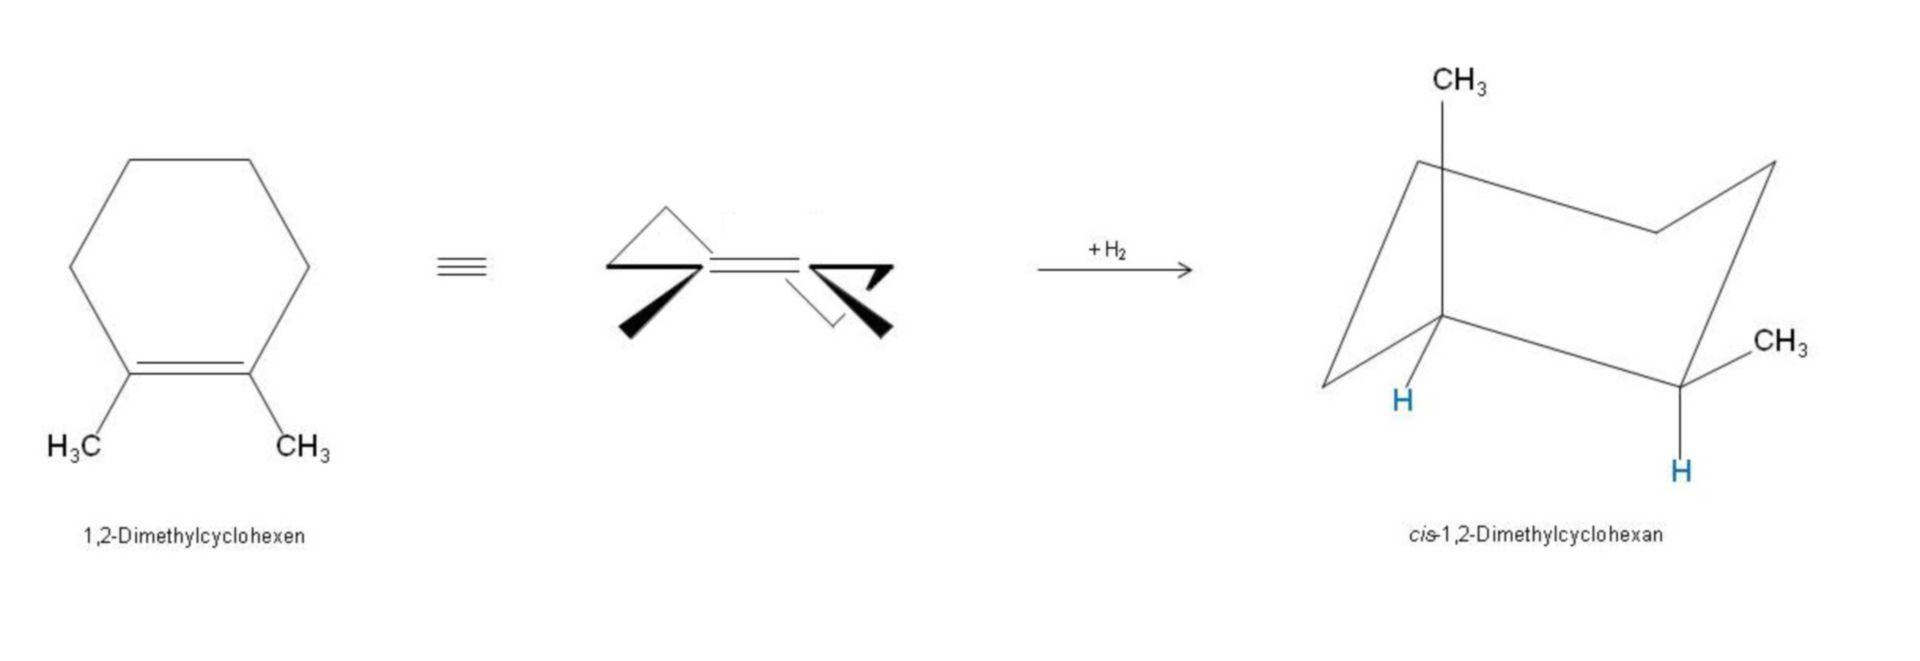 Aggiunta di cis - 1,2-dimetilcicloesano